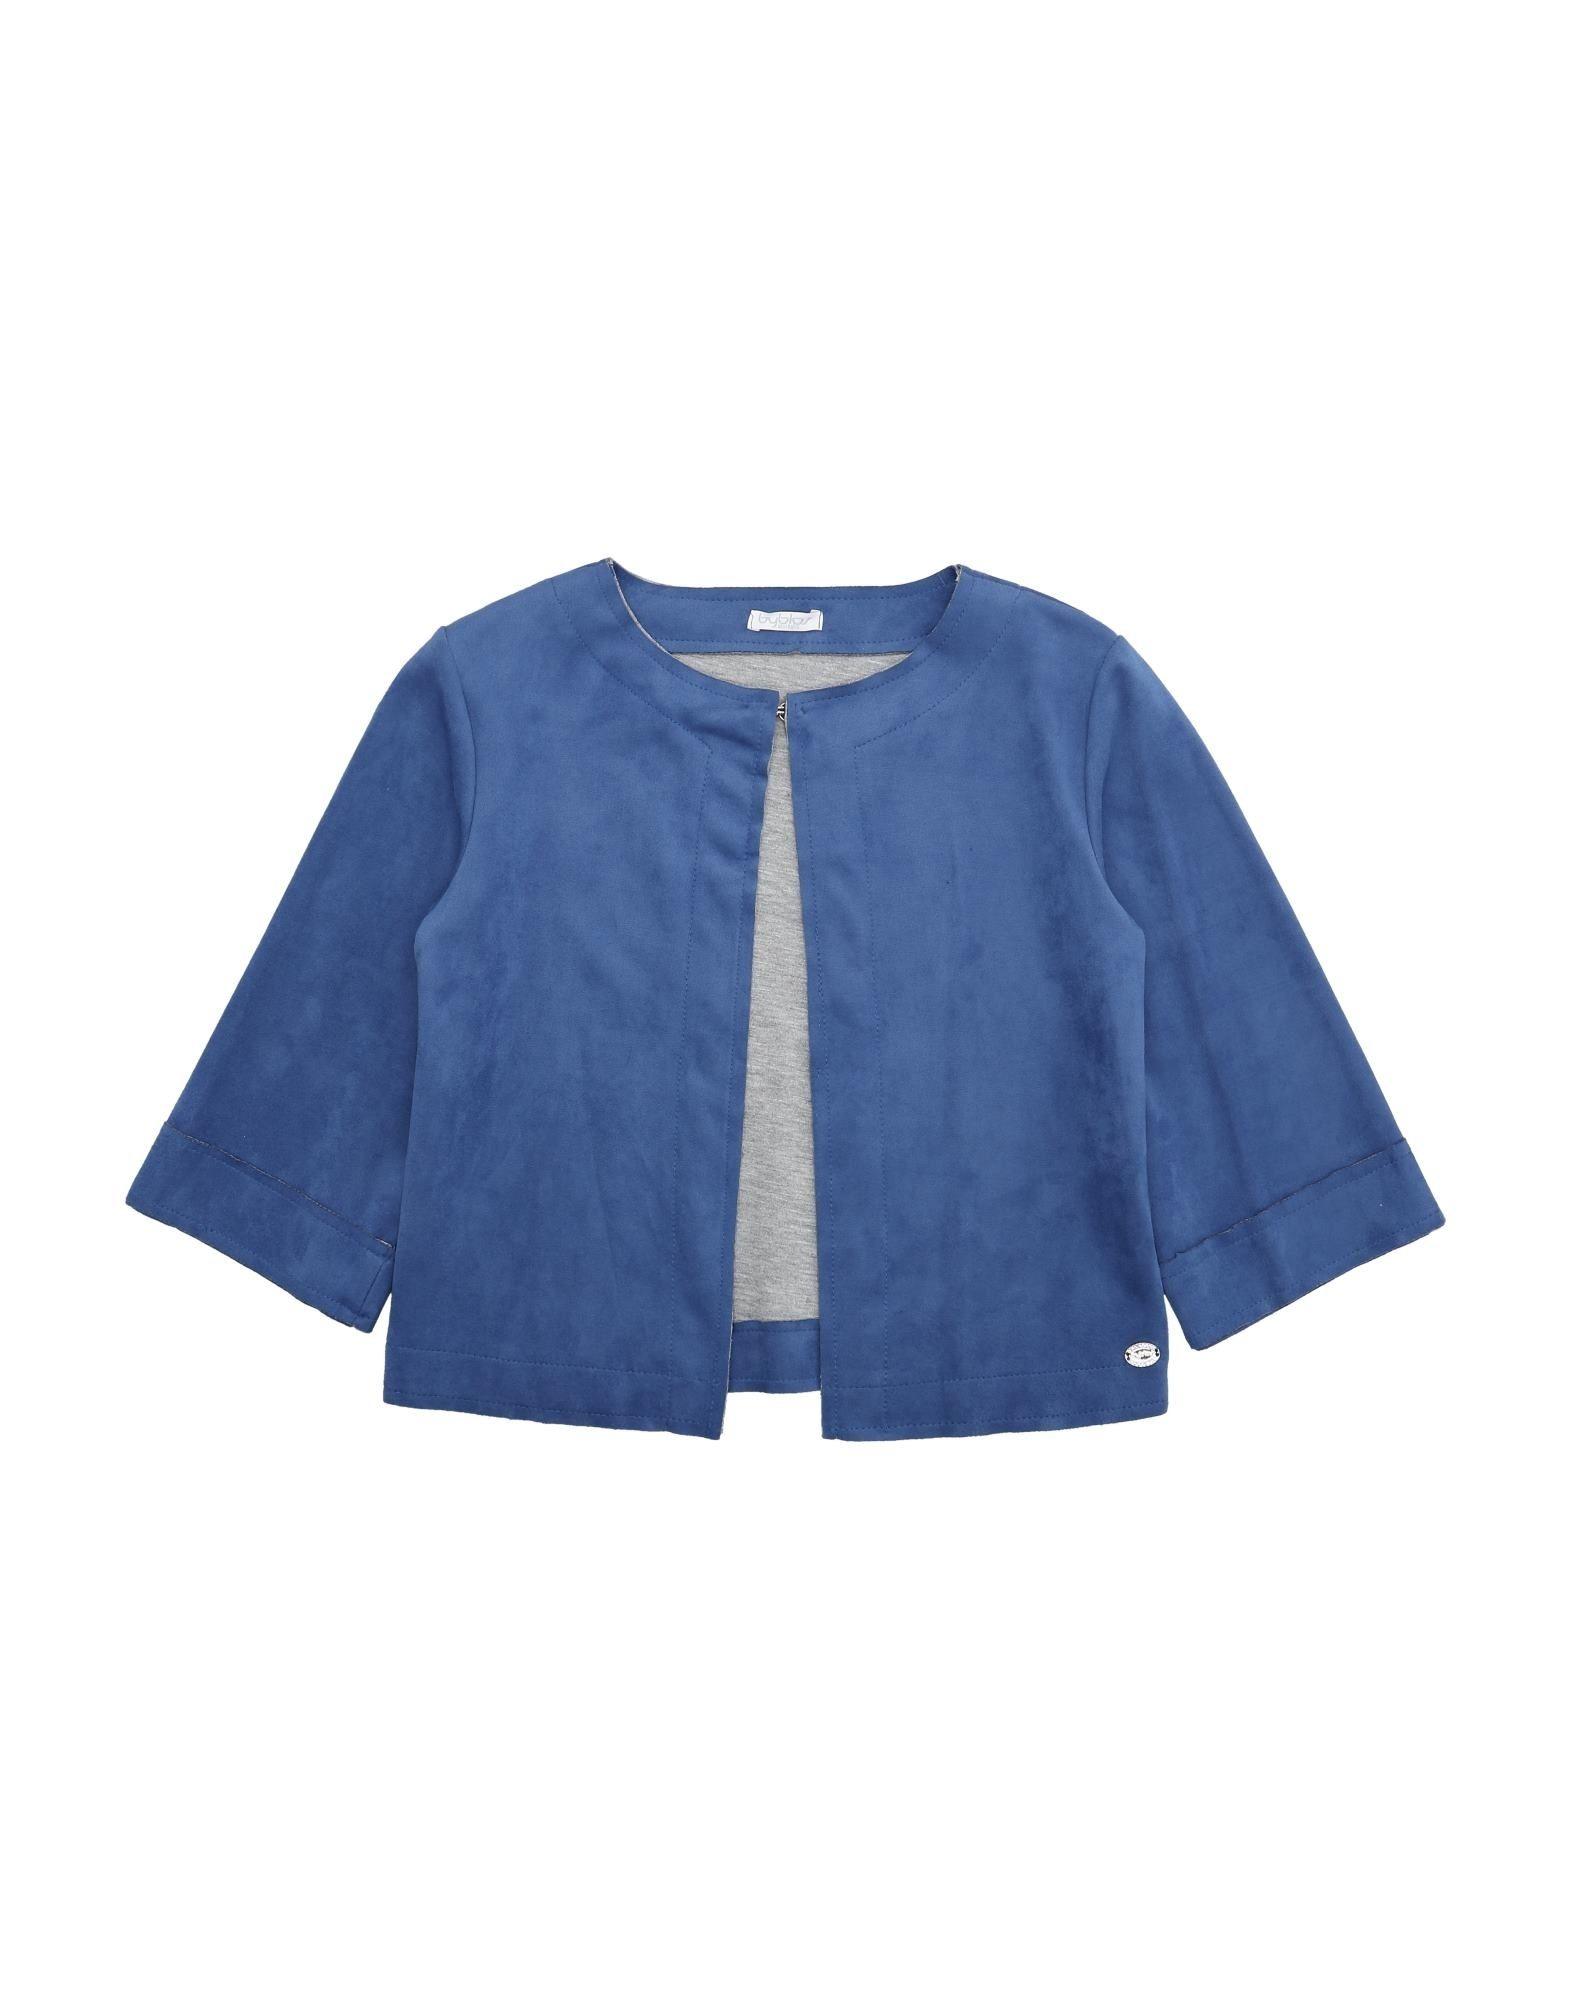 《セール開催中》BYBLOS ガールズ 9-16 歳 テーラードジャケット ブルー 12 ポリエステル 92% / ポリウレタン 8%